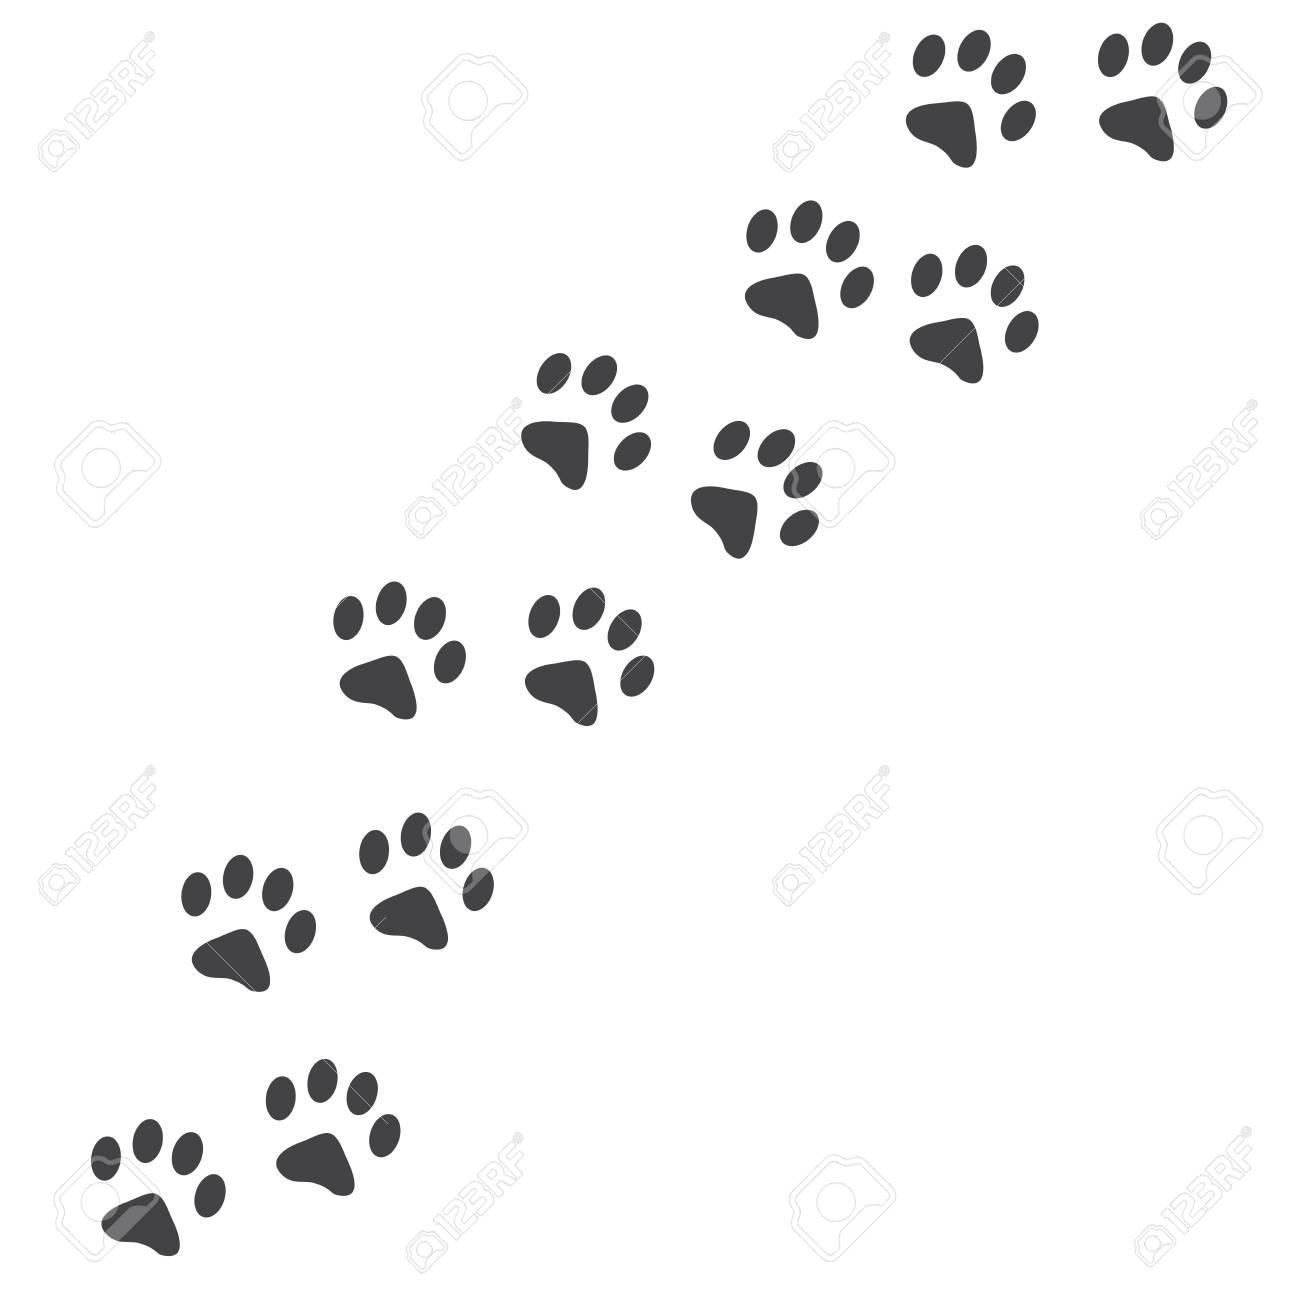 Raster Illustration Cat Paw Prints Track Logo Black On White